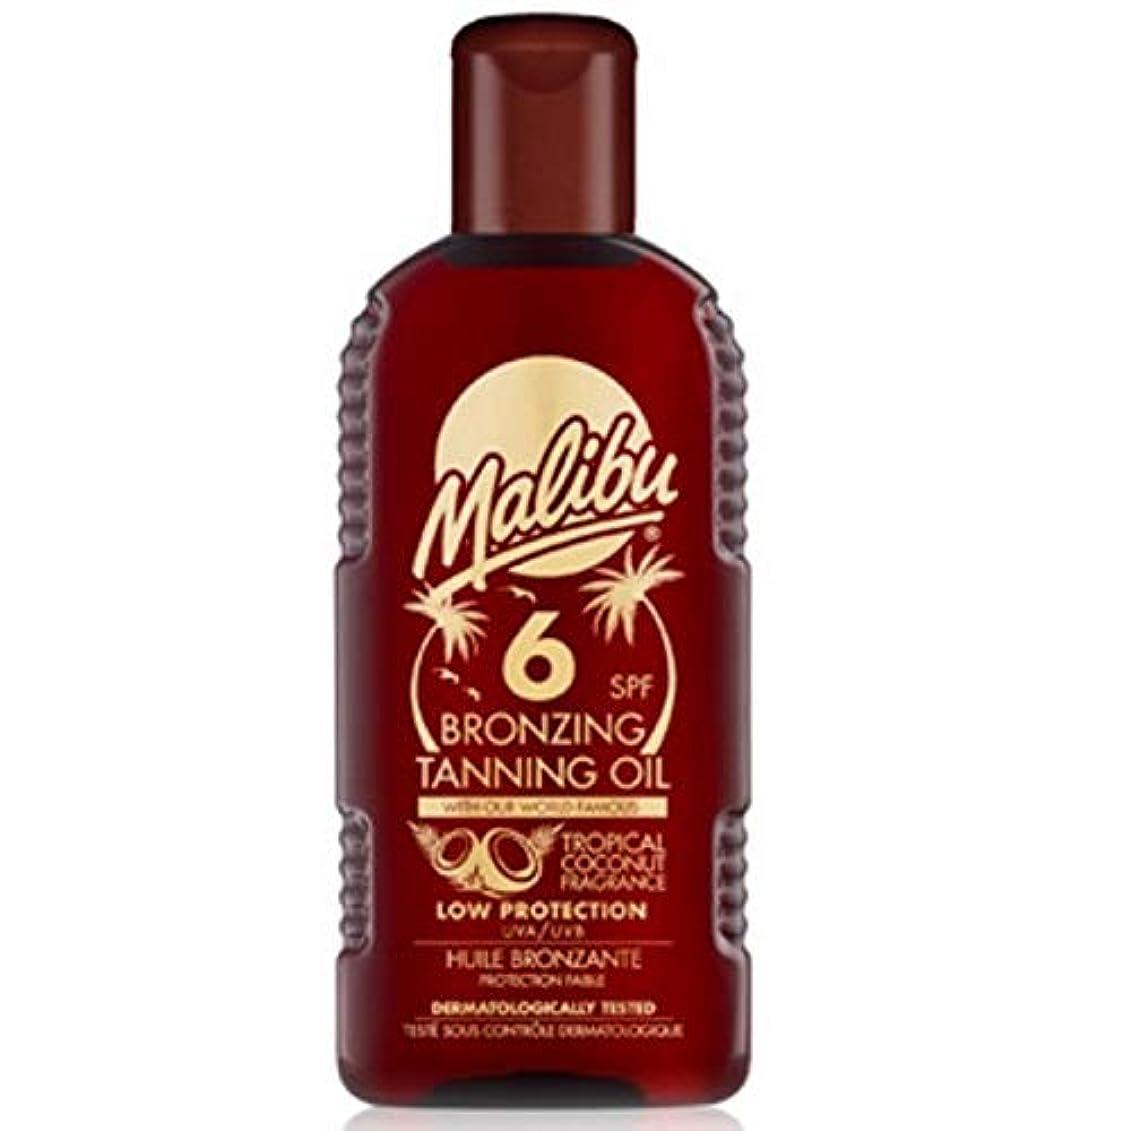 ペインティングワードローブ海岸[Malibu ] マリブブロンズ日焼けオイルSp6 - Malibu Bronzing Tanning Oil Sp6 [並行輸入品]